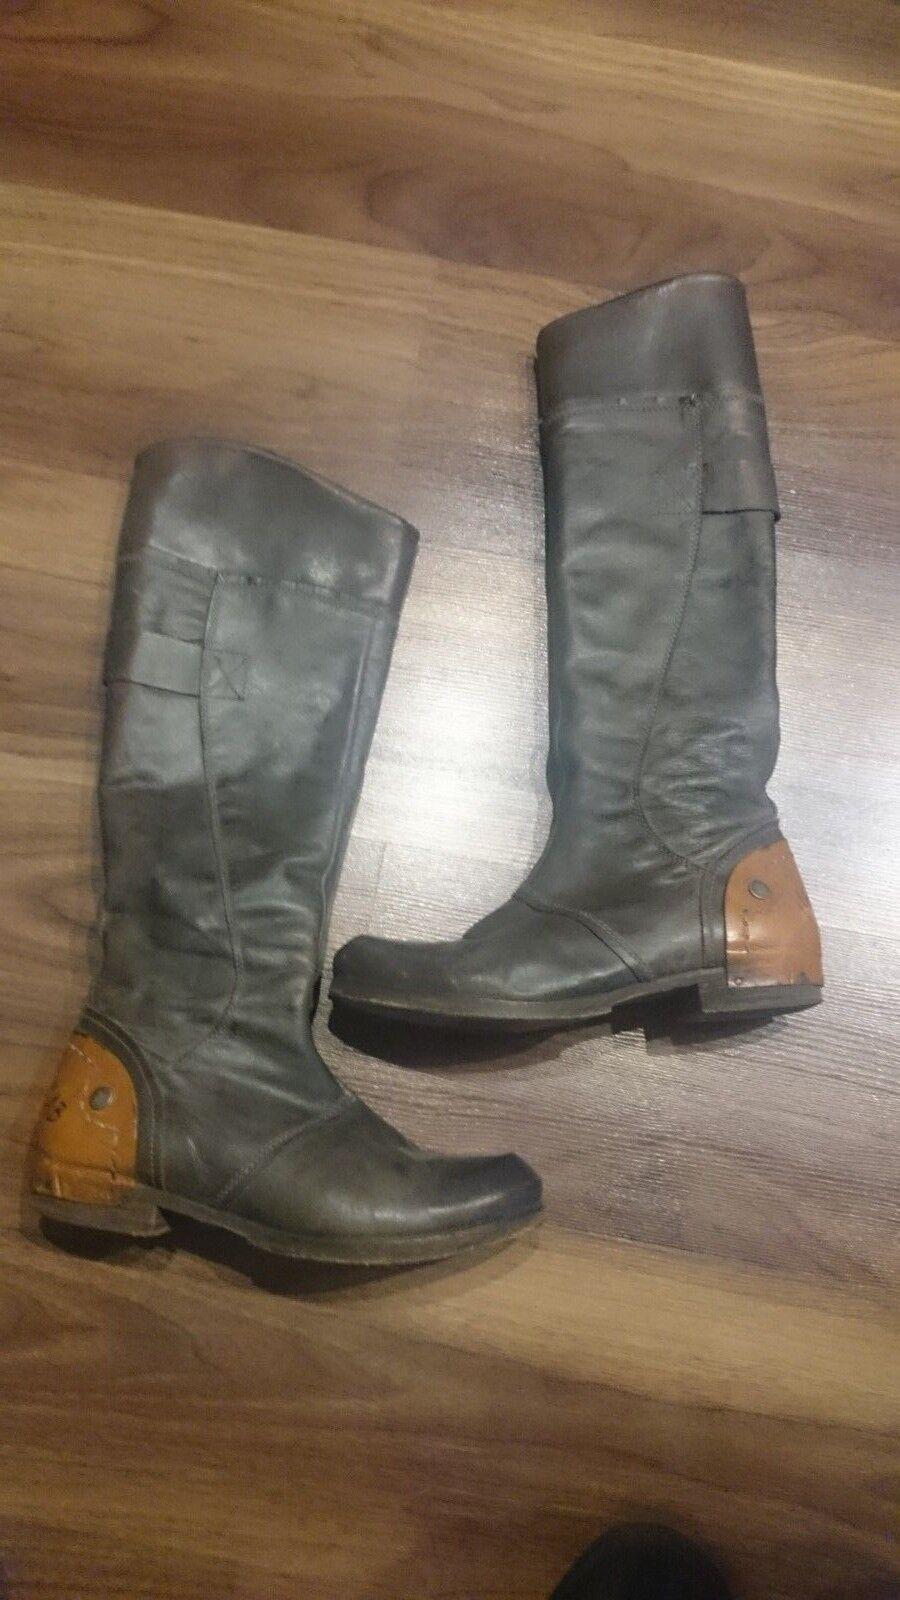 cab Gelb Stiefel Vintage 40 braun Grau Schaft Hoher